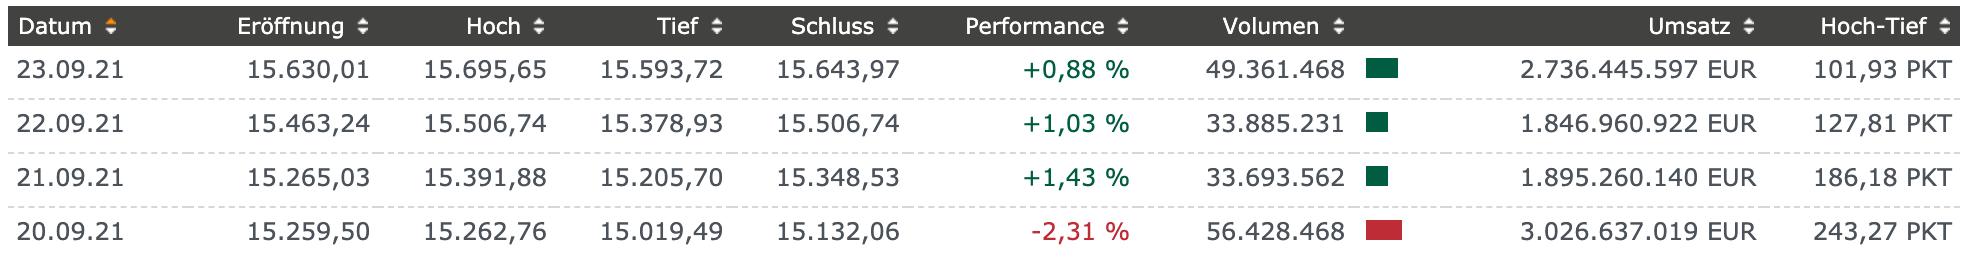 Rebound-trifft-im-DAX-auf-die-15-700-Punkte-im-Chart-Kommentar-Marcus-Klebe-GodmodeTrader.de-3